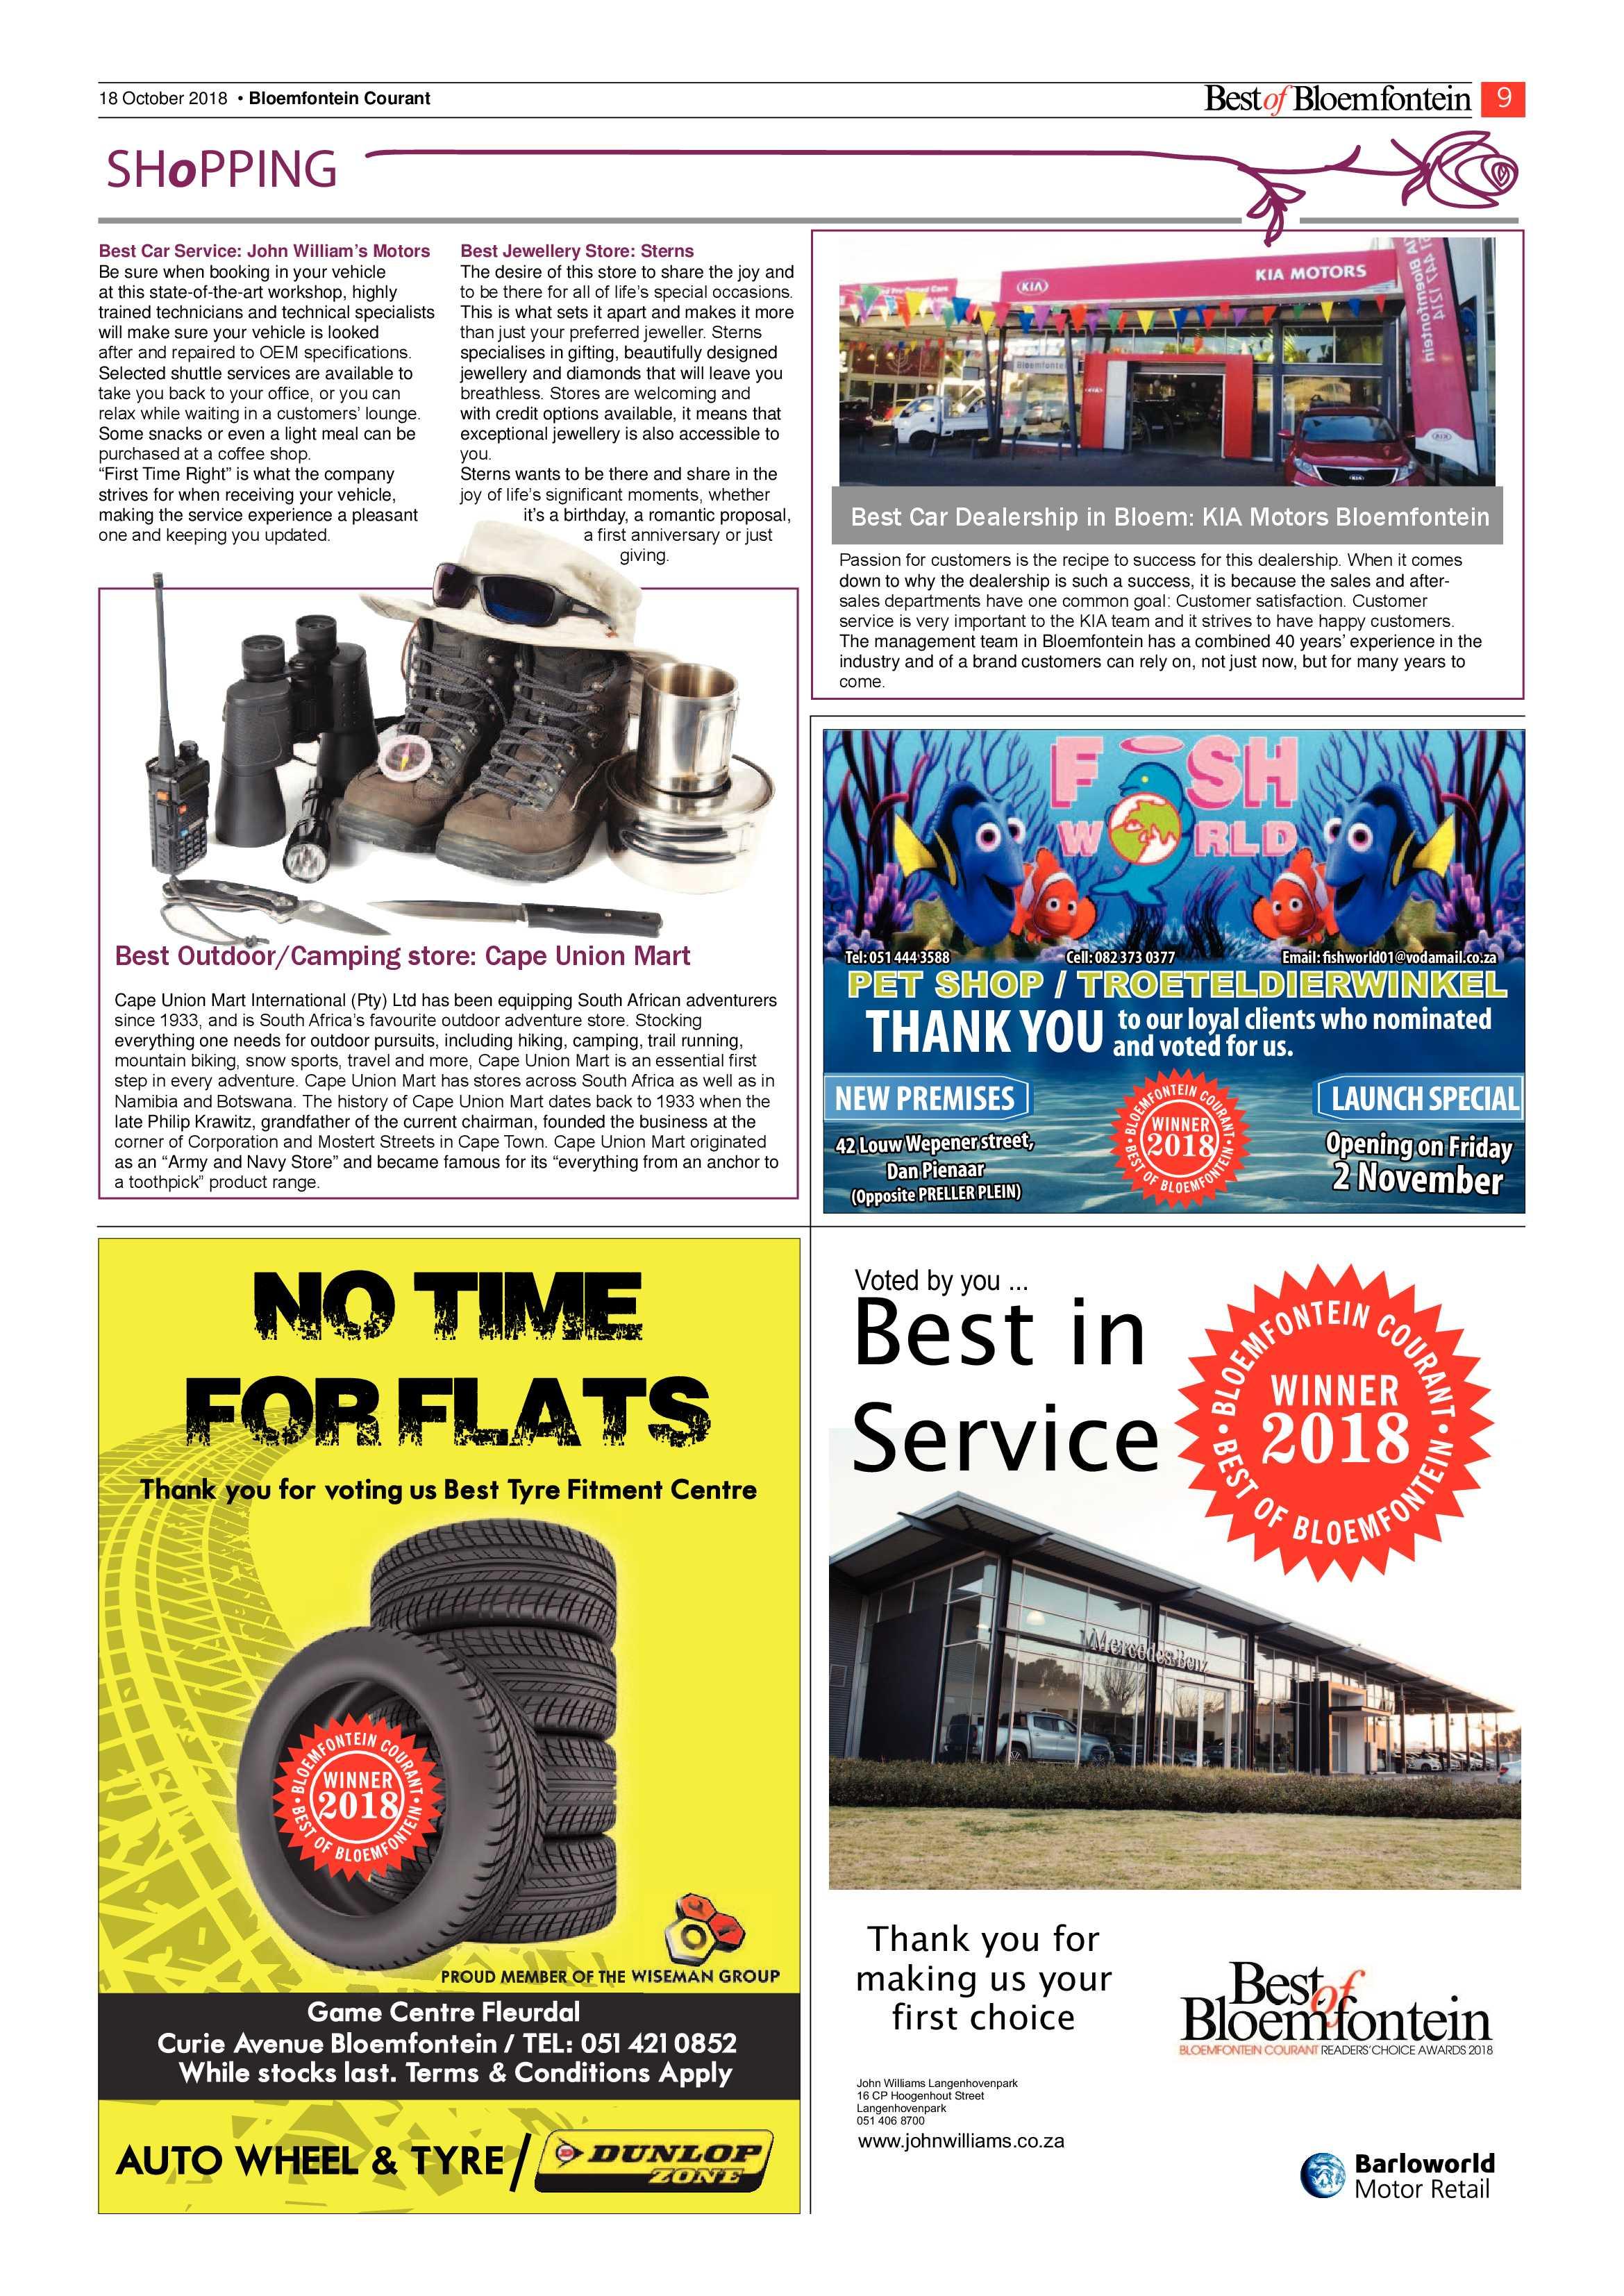 best-of-bloemfontein-2018-epapers-page-9